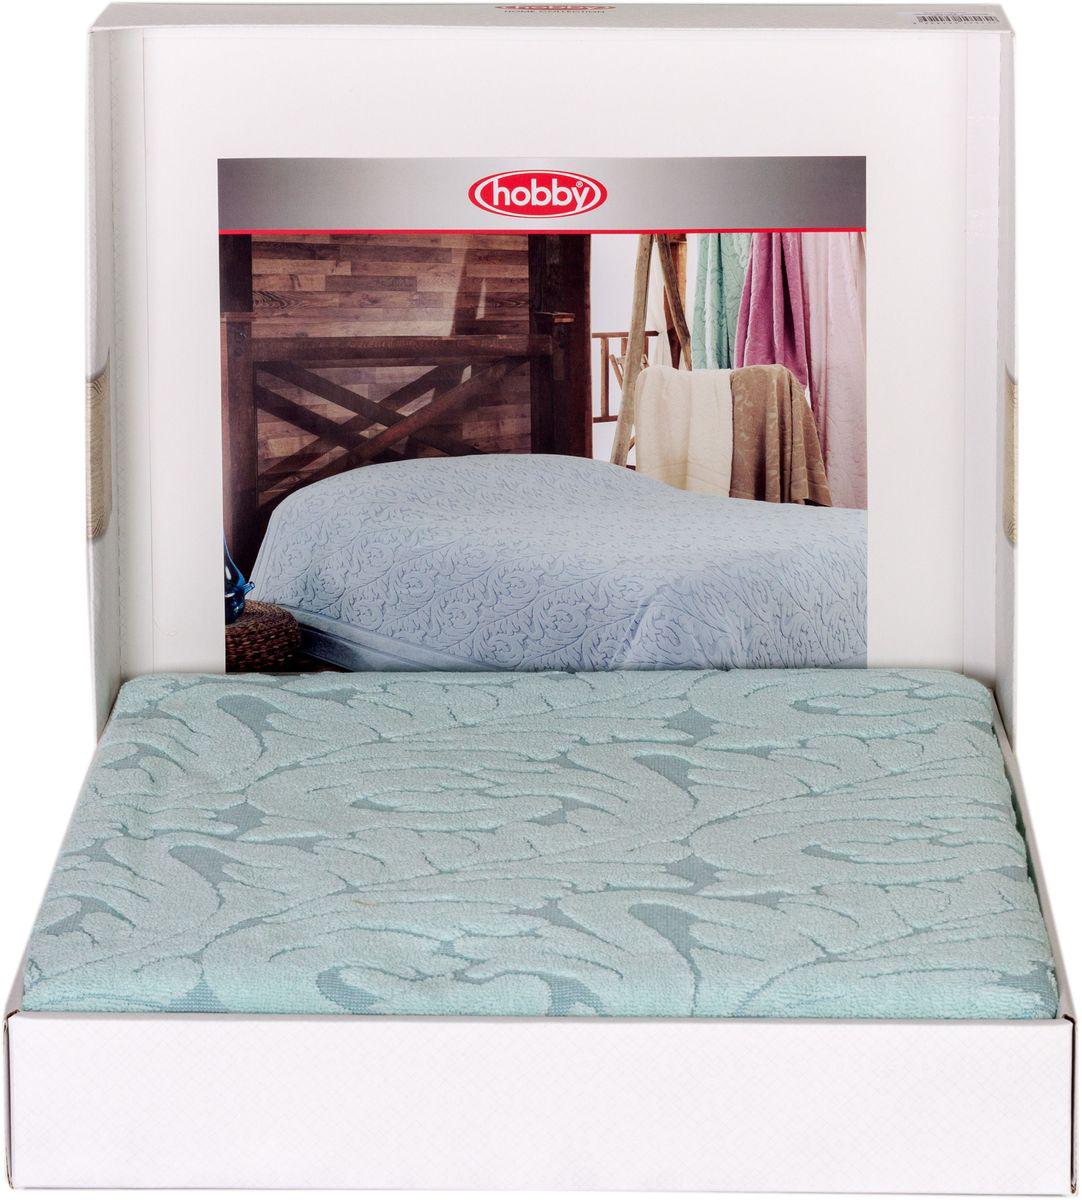 Покрывало Hobby Home Collection Sultan, цвет: ментоловый, 160 х 200 см16056Шикарное покрывало Hobby Home Collection Sultan изготовлено из 100% хлопка высшей категории. Оно обладает замечательными дышащими свойствами и будет хорошо смотреться как на диване, так и на большой кровати. Данное покрывало можно также использовать в качестве одеяла.